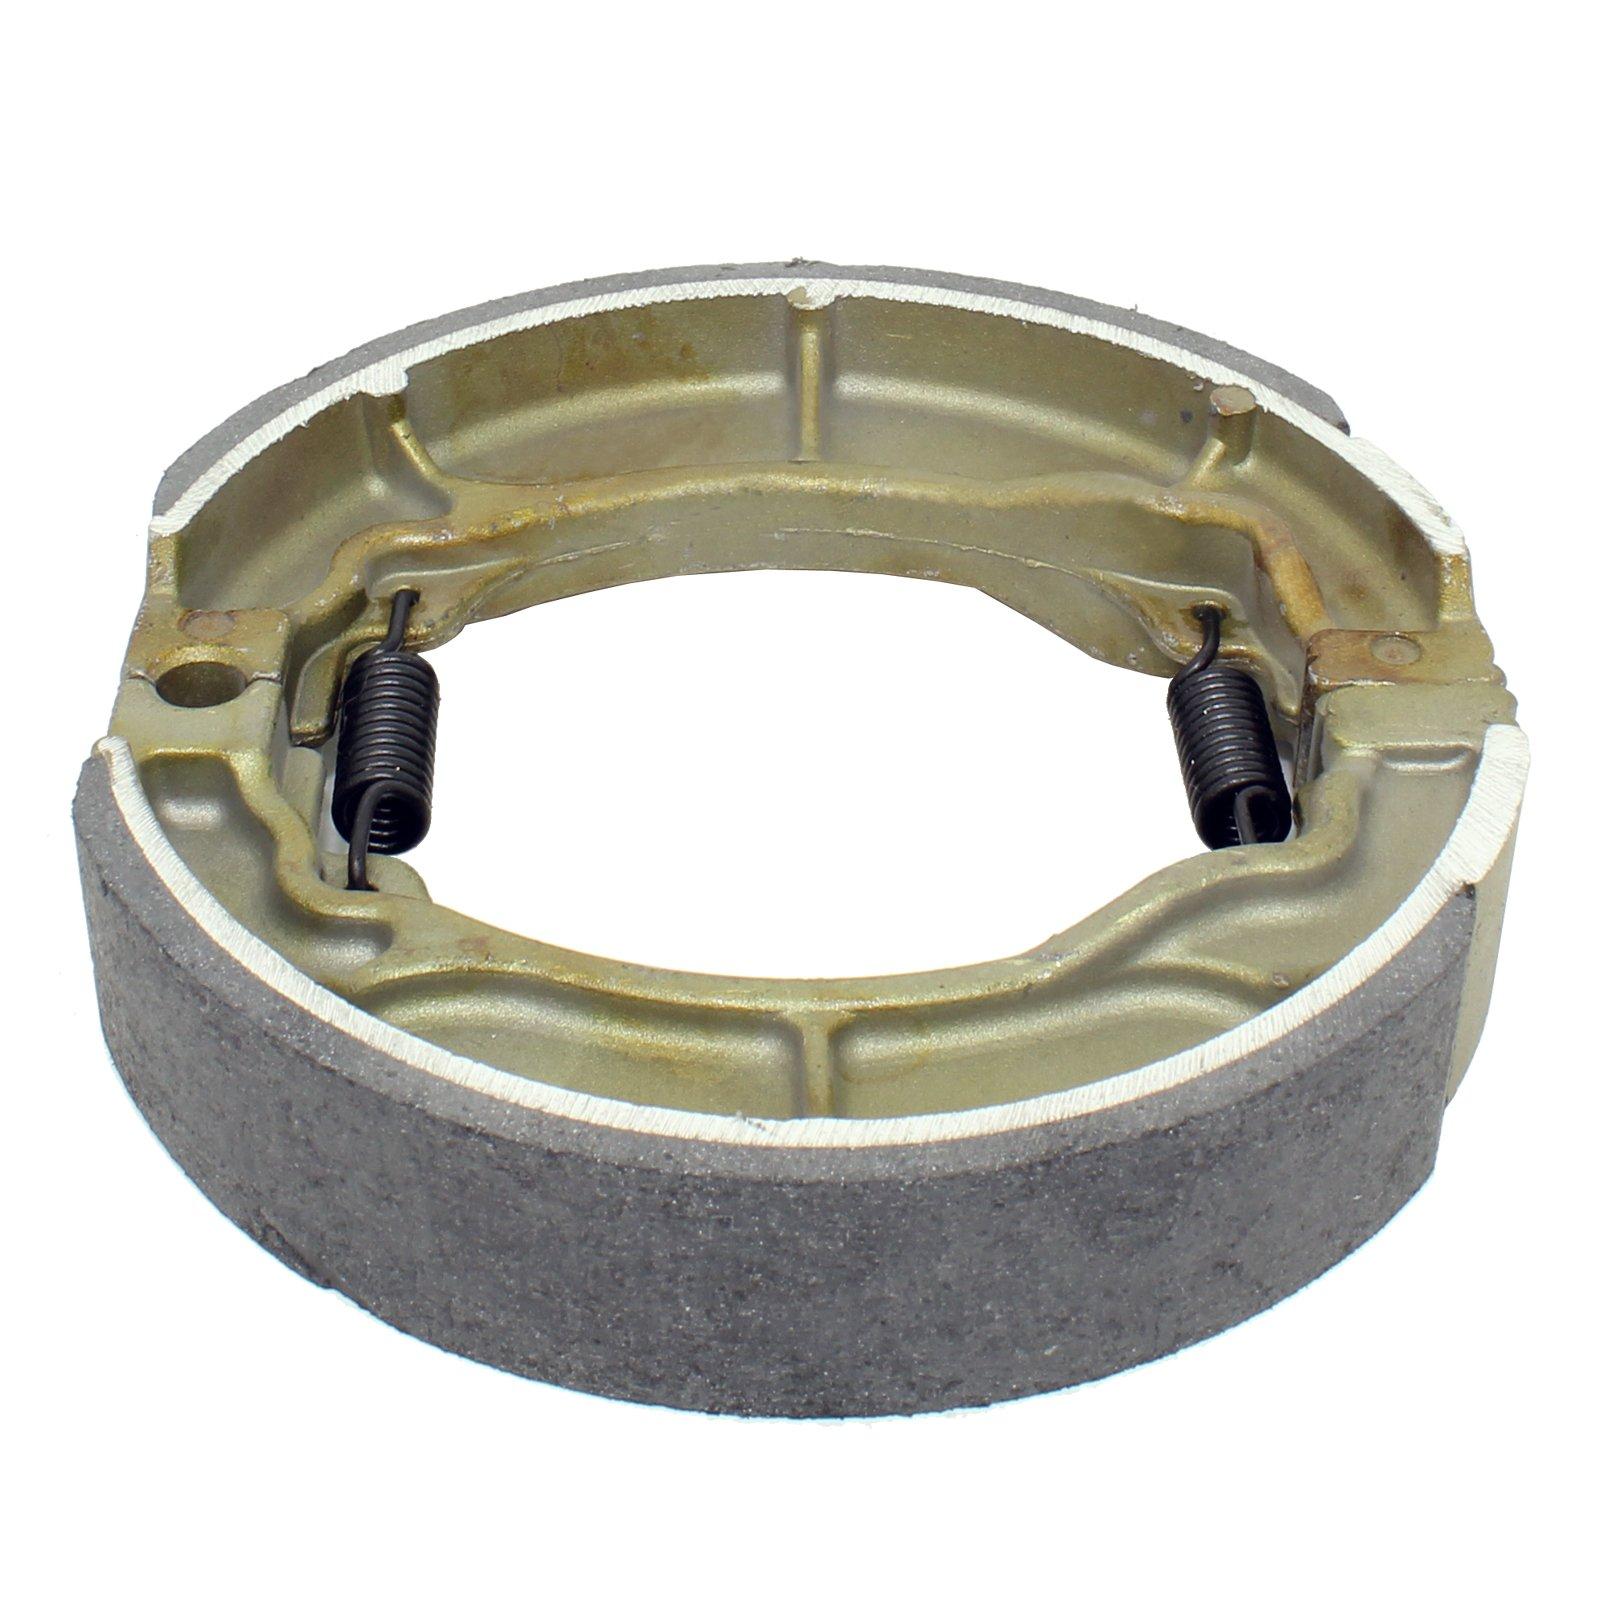 SPM Choke Cable for Honda 3 Wheeler Quad ATC200 ATC200E ATC200M